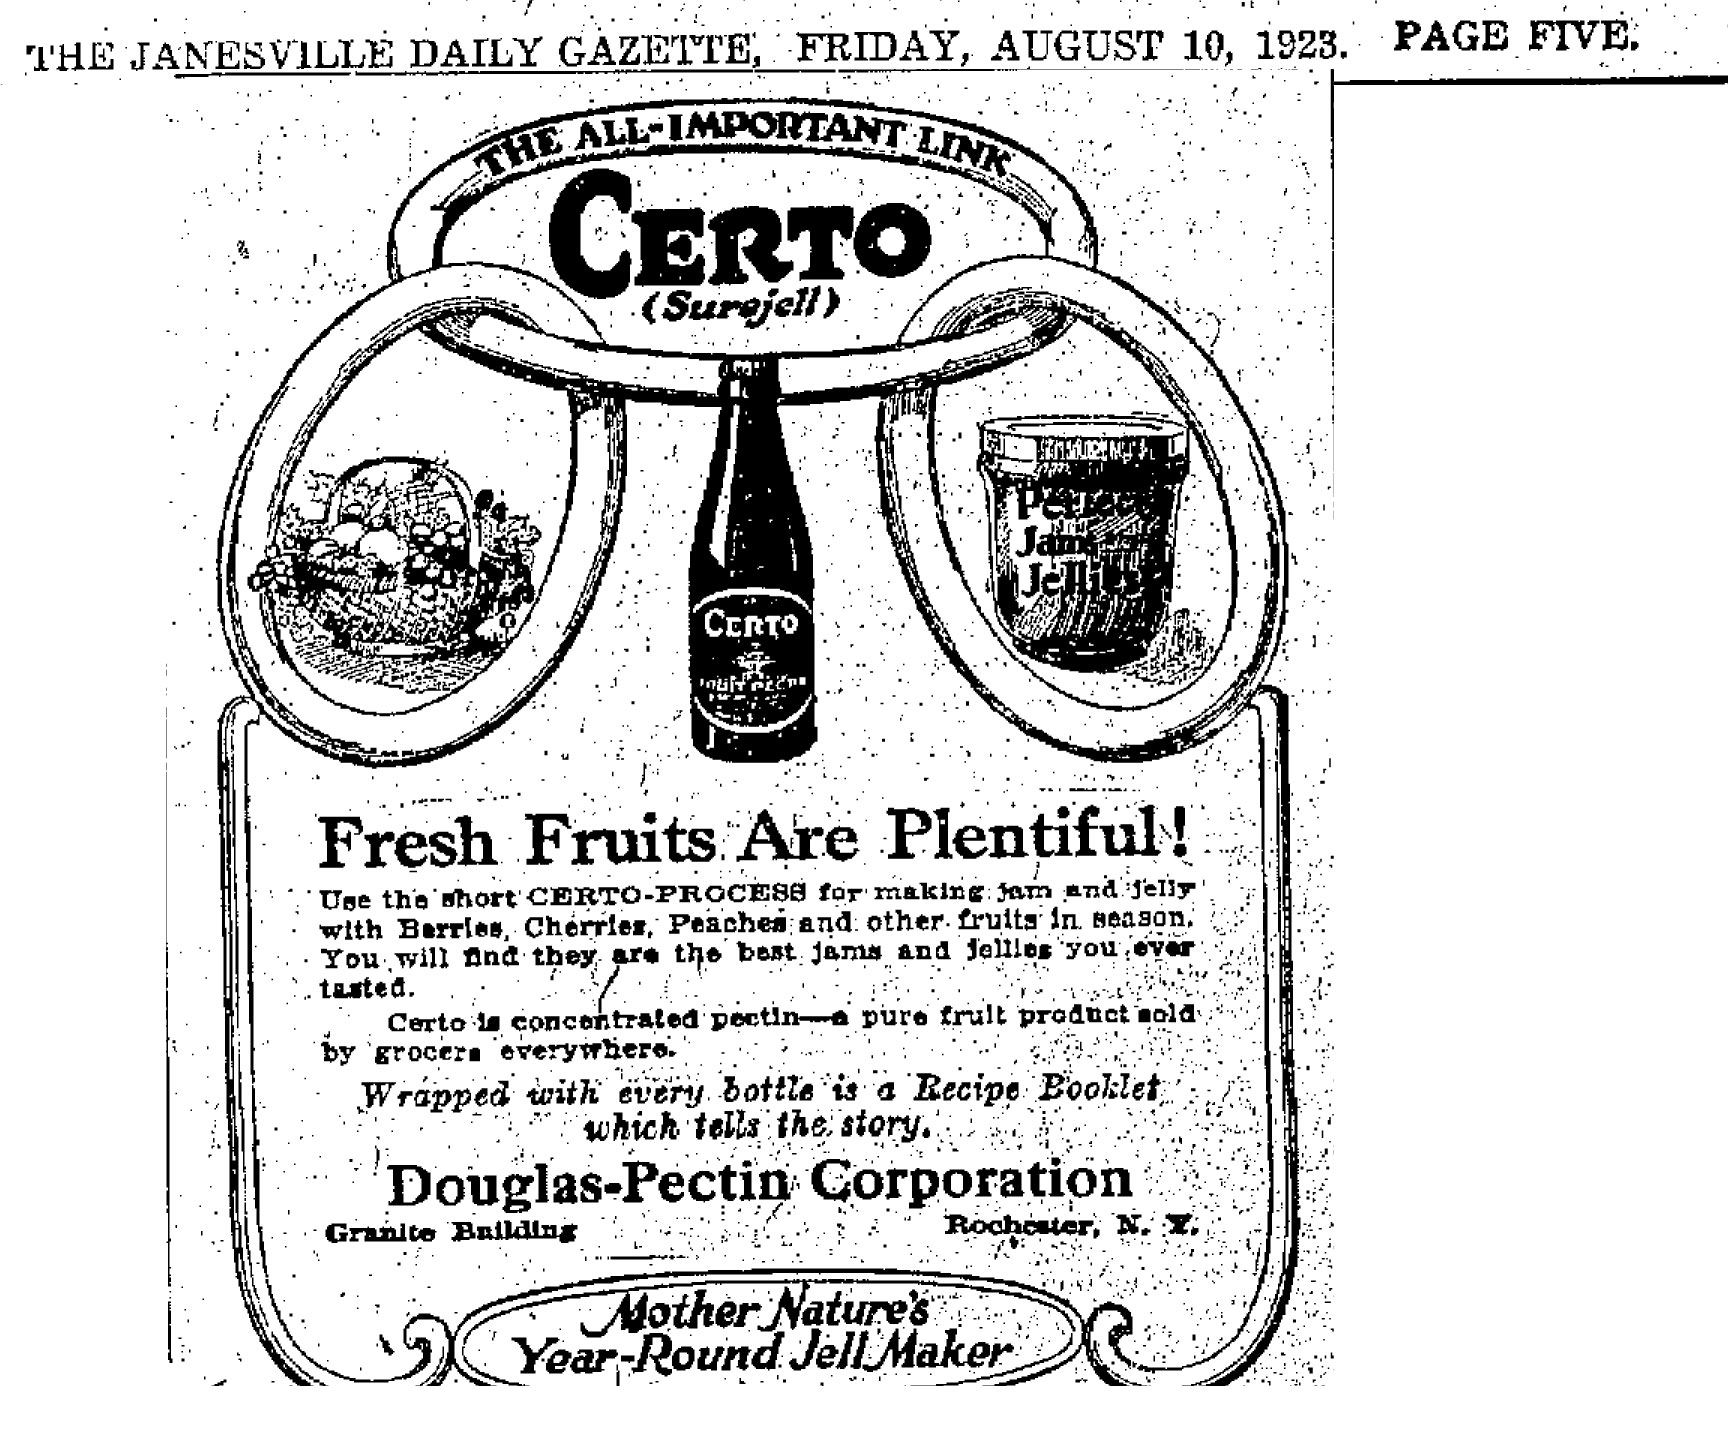 1923 ad for Certo